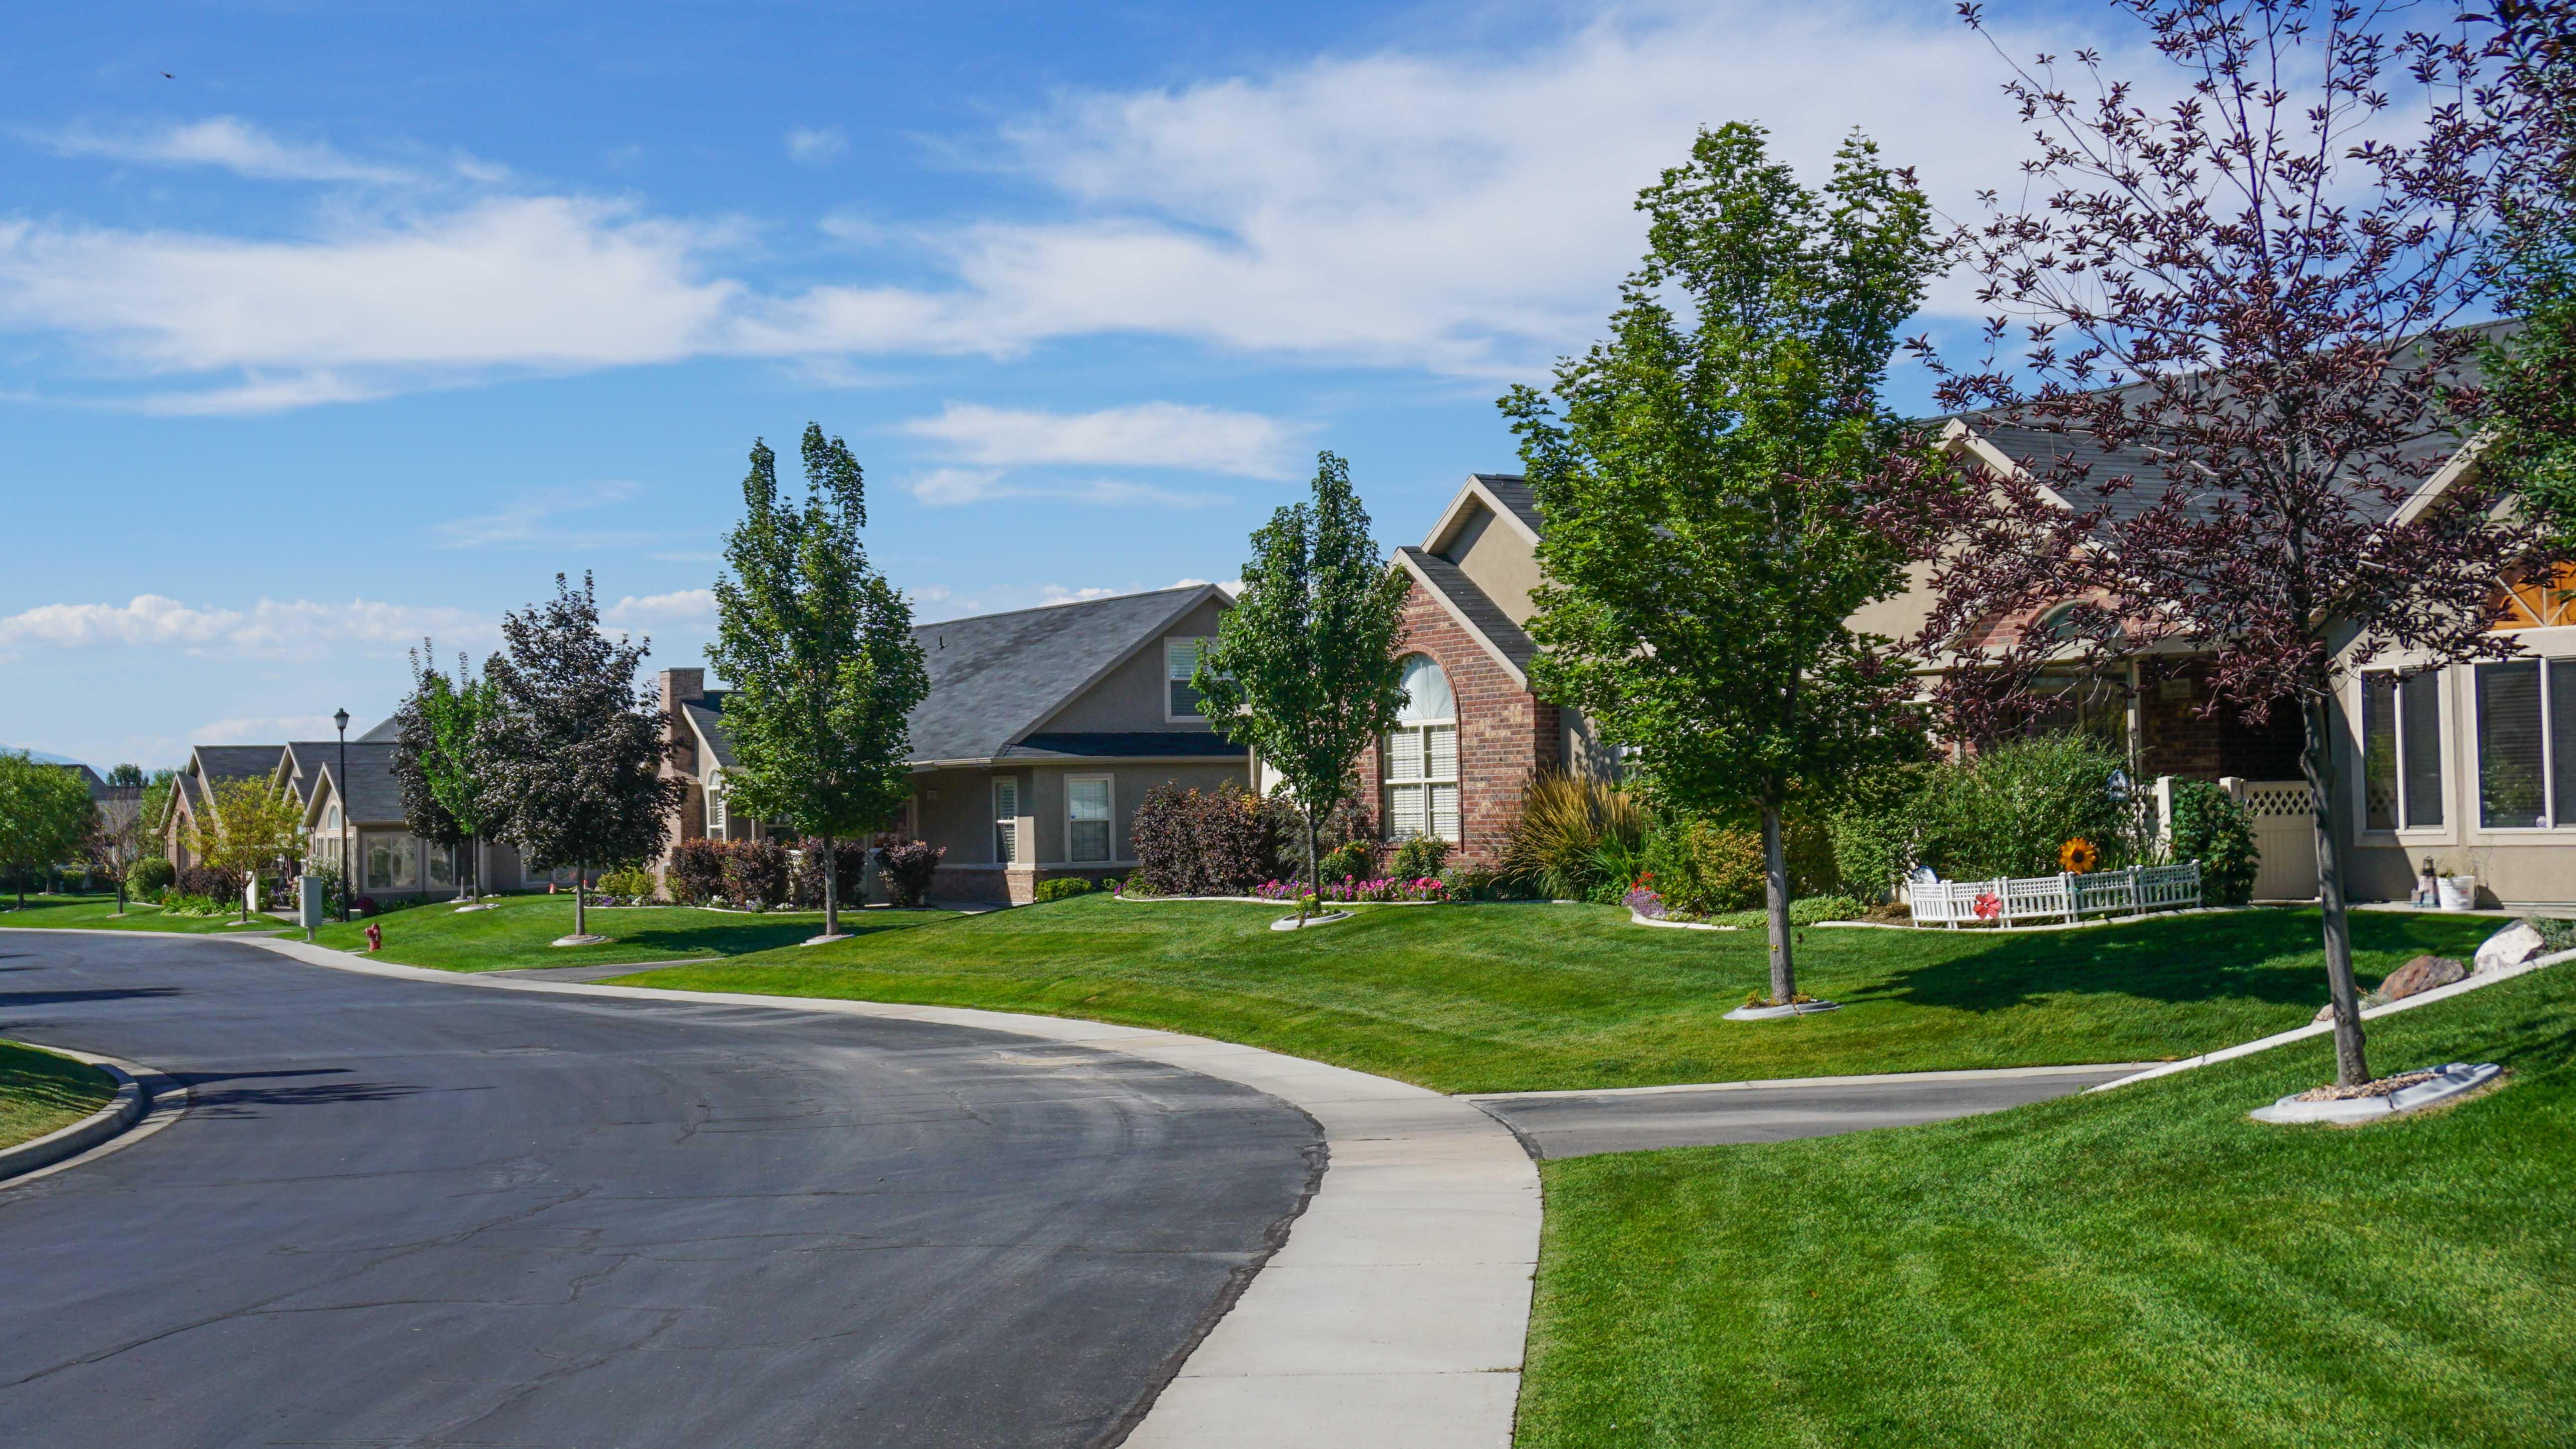 meadow park villas real estate homes for sale in lehi utah